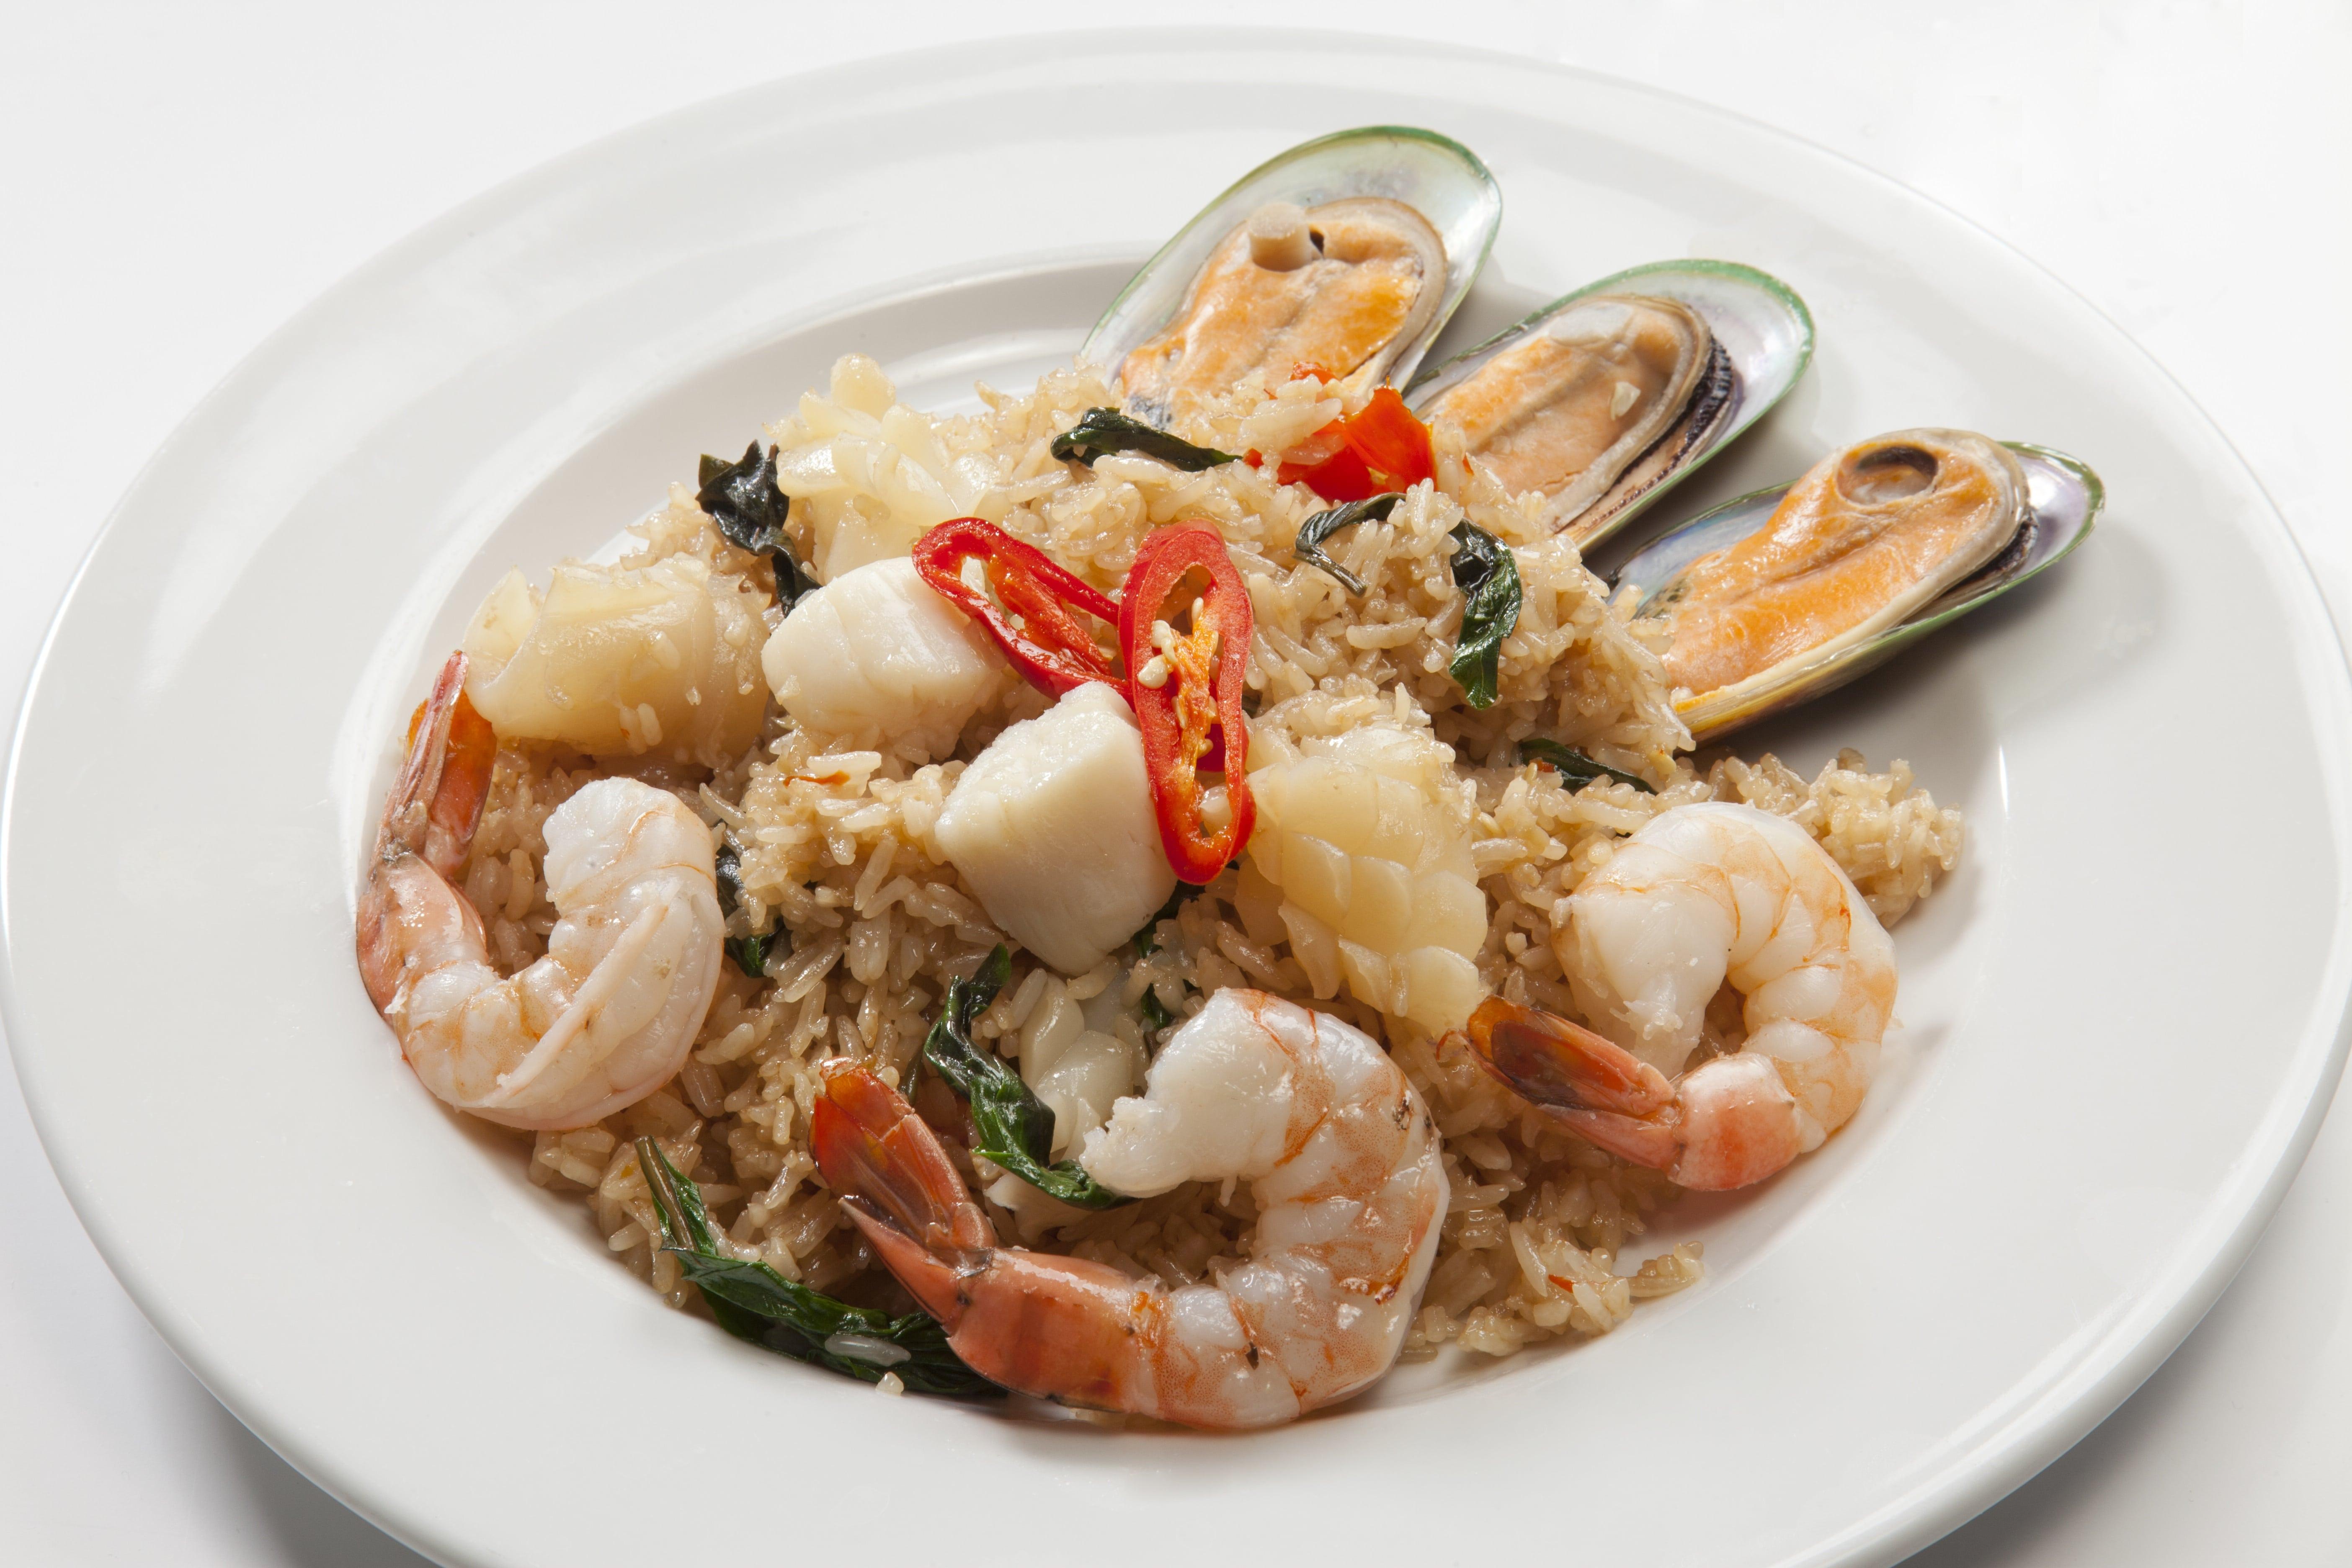 Морепродукты с рисом и базиликом Као Пад Тале Кунг Грапрао